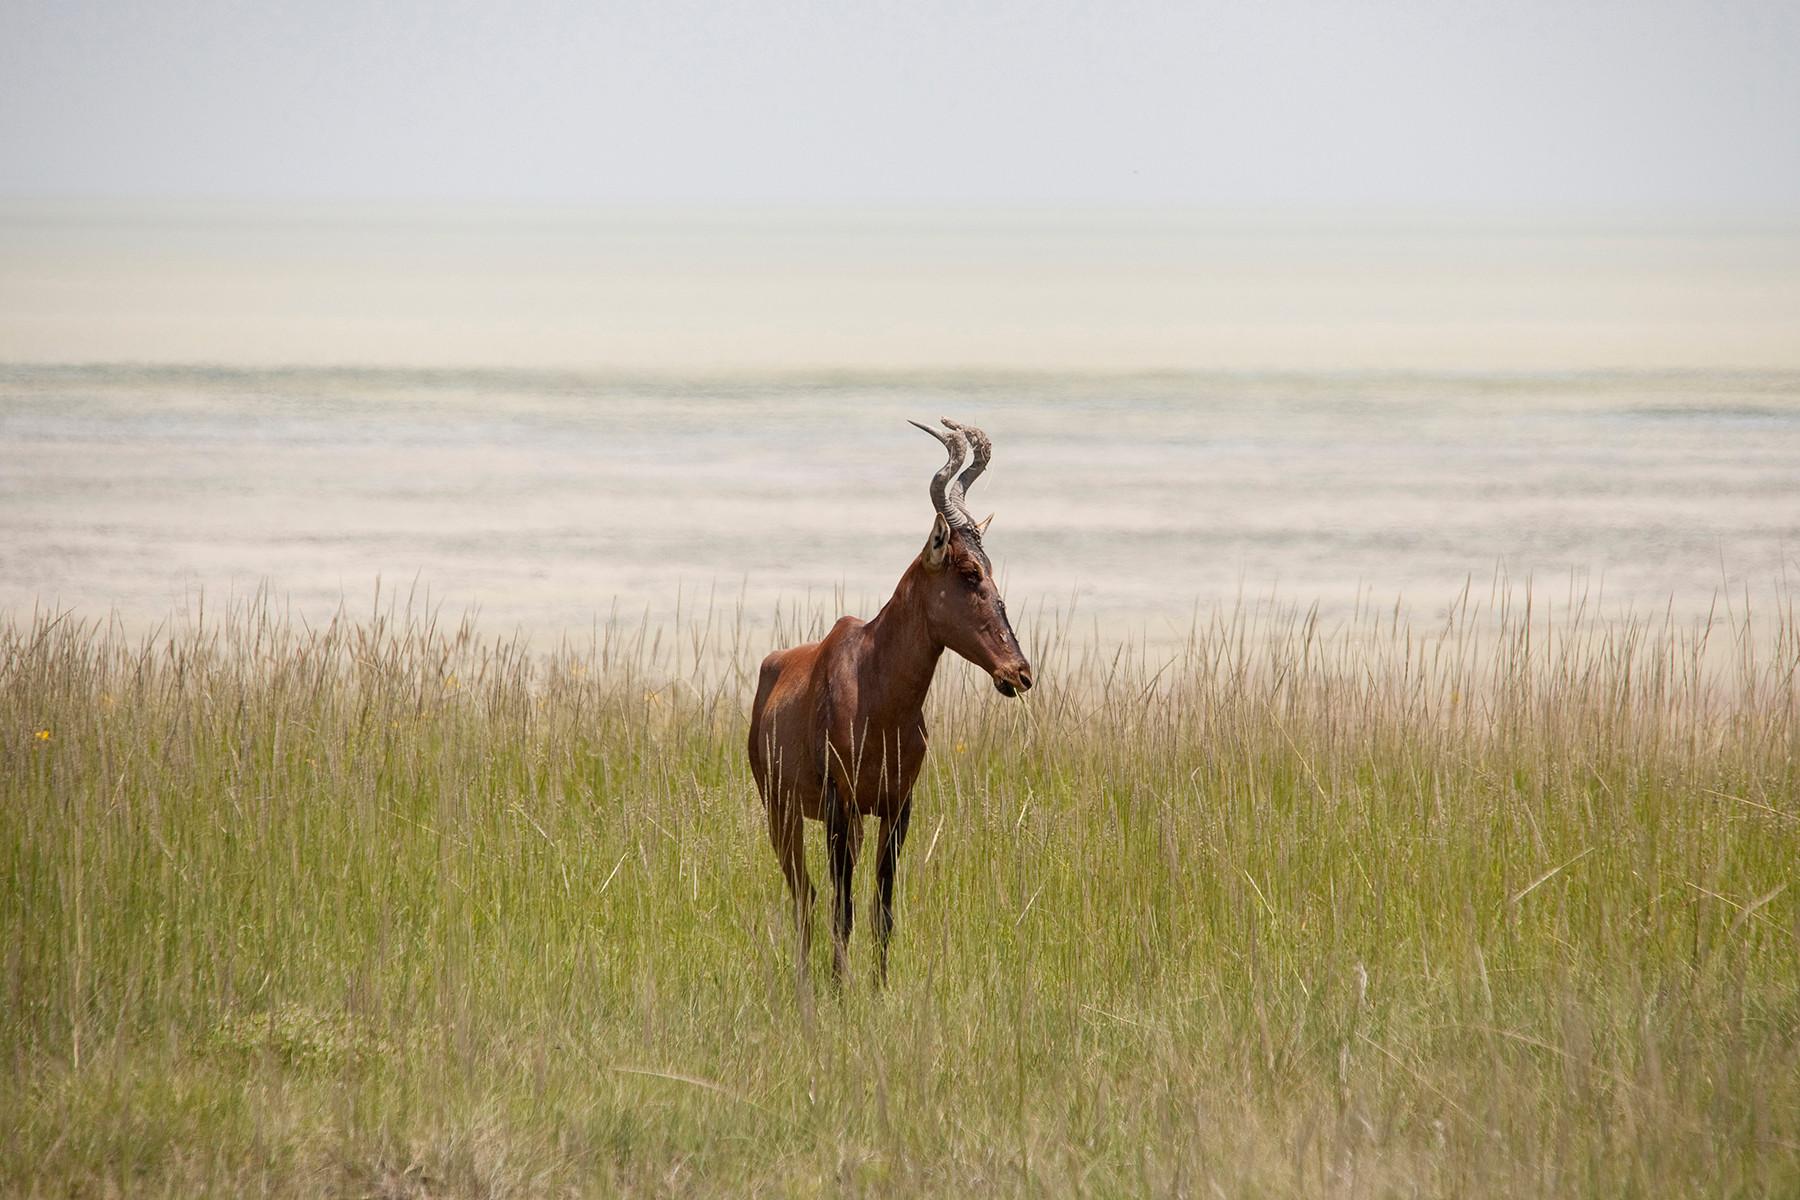 Namibia 2012 (Etosha)